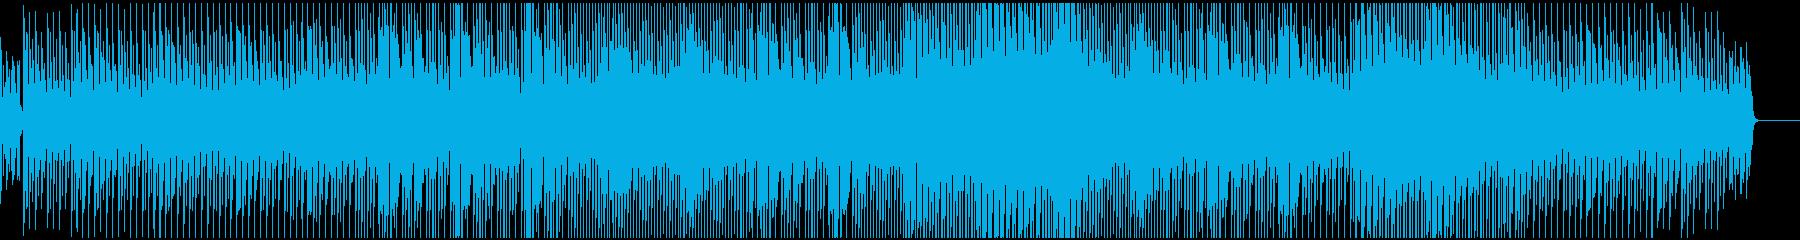 地下ダンジョン,迷宮イメージ(テクノ)の再生済みの波形